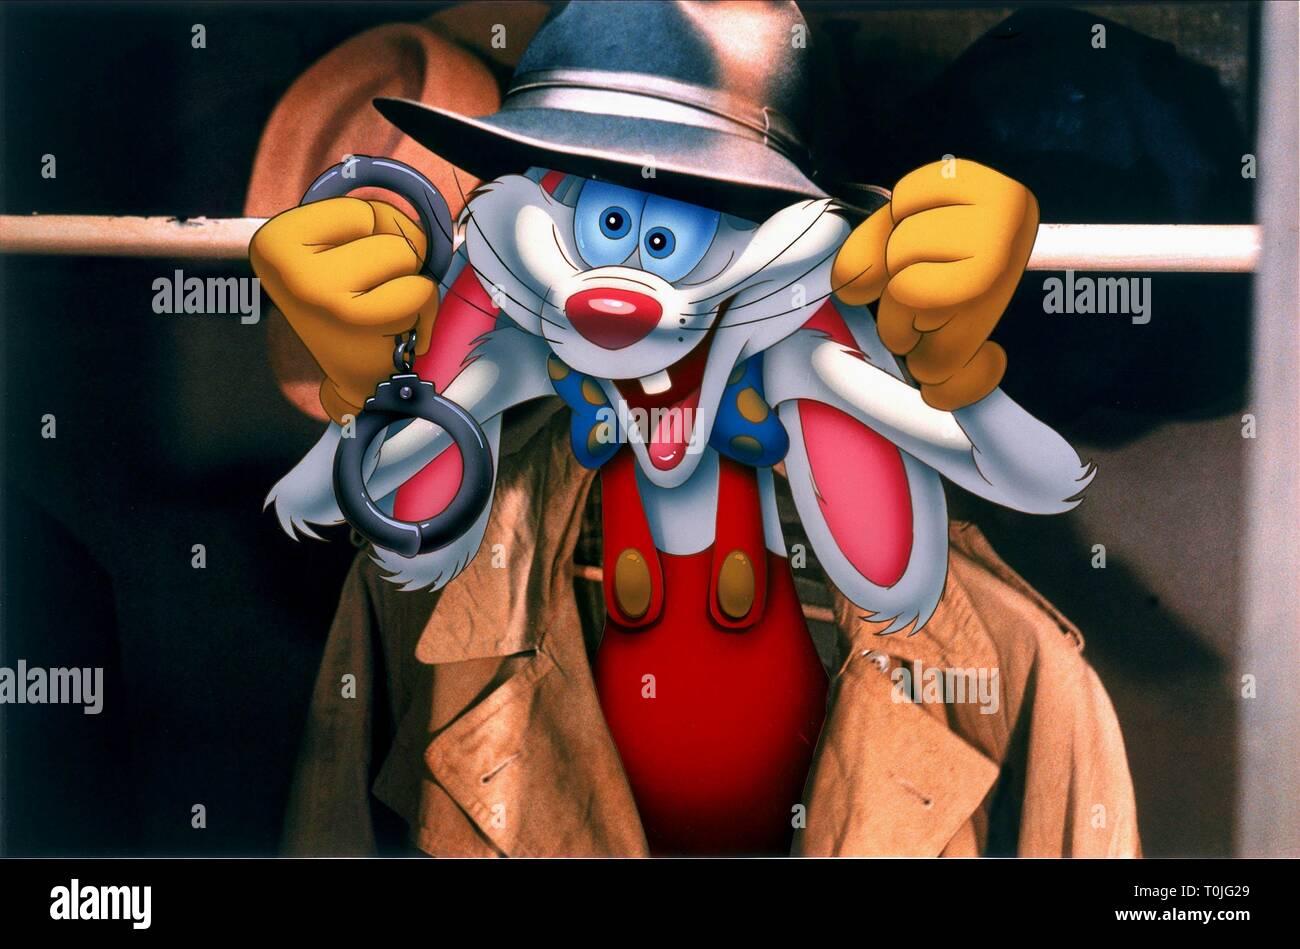 Roger Rabbit Who Framed Roger Rabbit 1988 Stock Photo Alamy